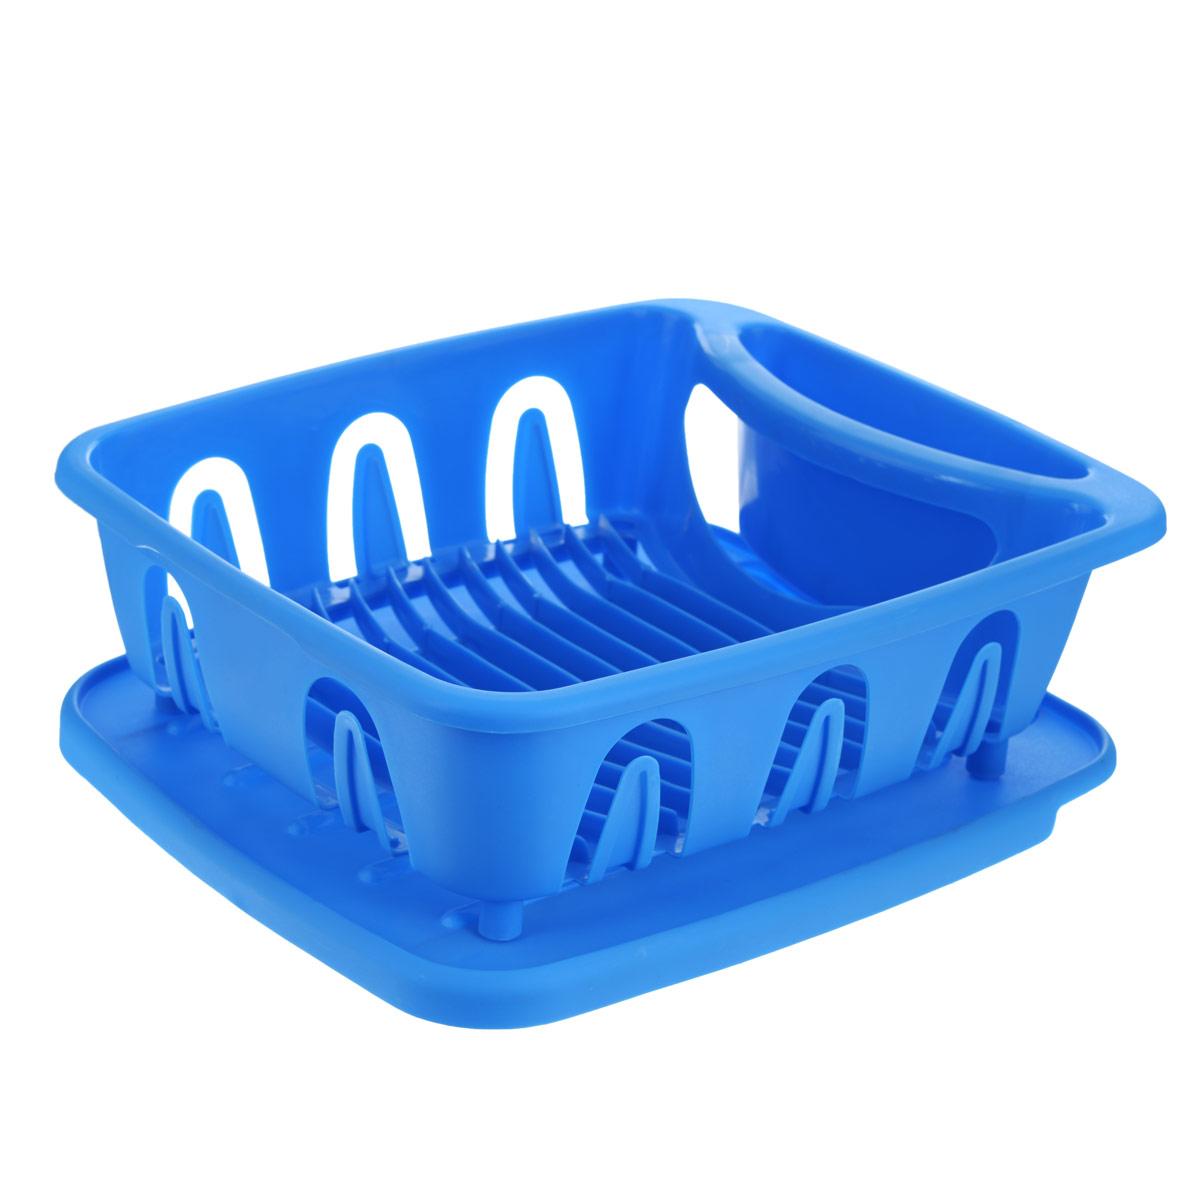 Подставка для посуды Oriental Way, цвет: голубой, 36 см х 31 см х 13 см154ED_голубойПодставка для посуды Oriental Way выполнена из высококачественного прочного пластика. Изделие имеет 12 выемок для сушки тарелок, а также емкость для столовых приборов. Для подставки предусмотрен специальный поддон, куда будет стекать вода. Подставка очень компактная и не займет много места на вашей кухне. Стильный яркий дизайн сделает ее красивым дополнением интерьера кухни.